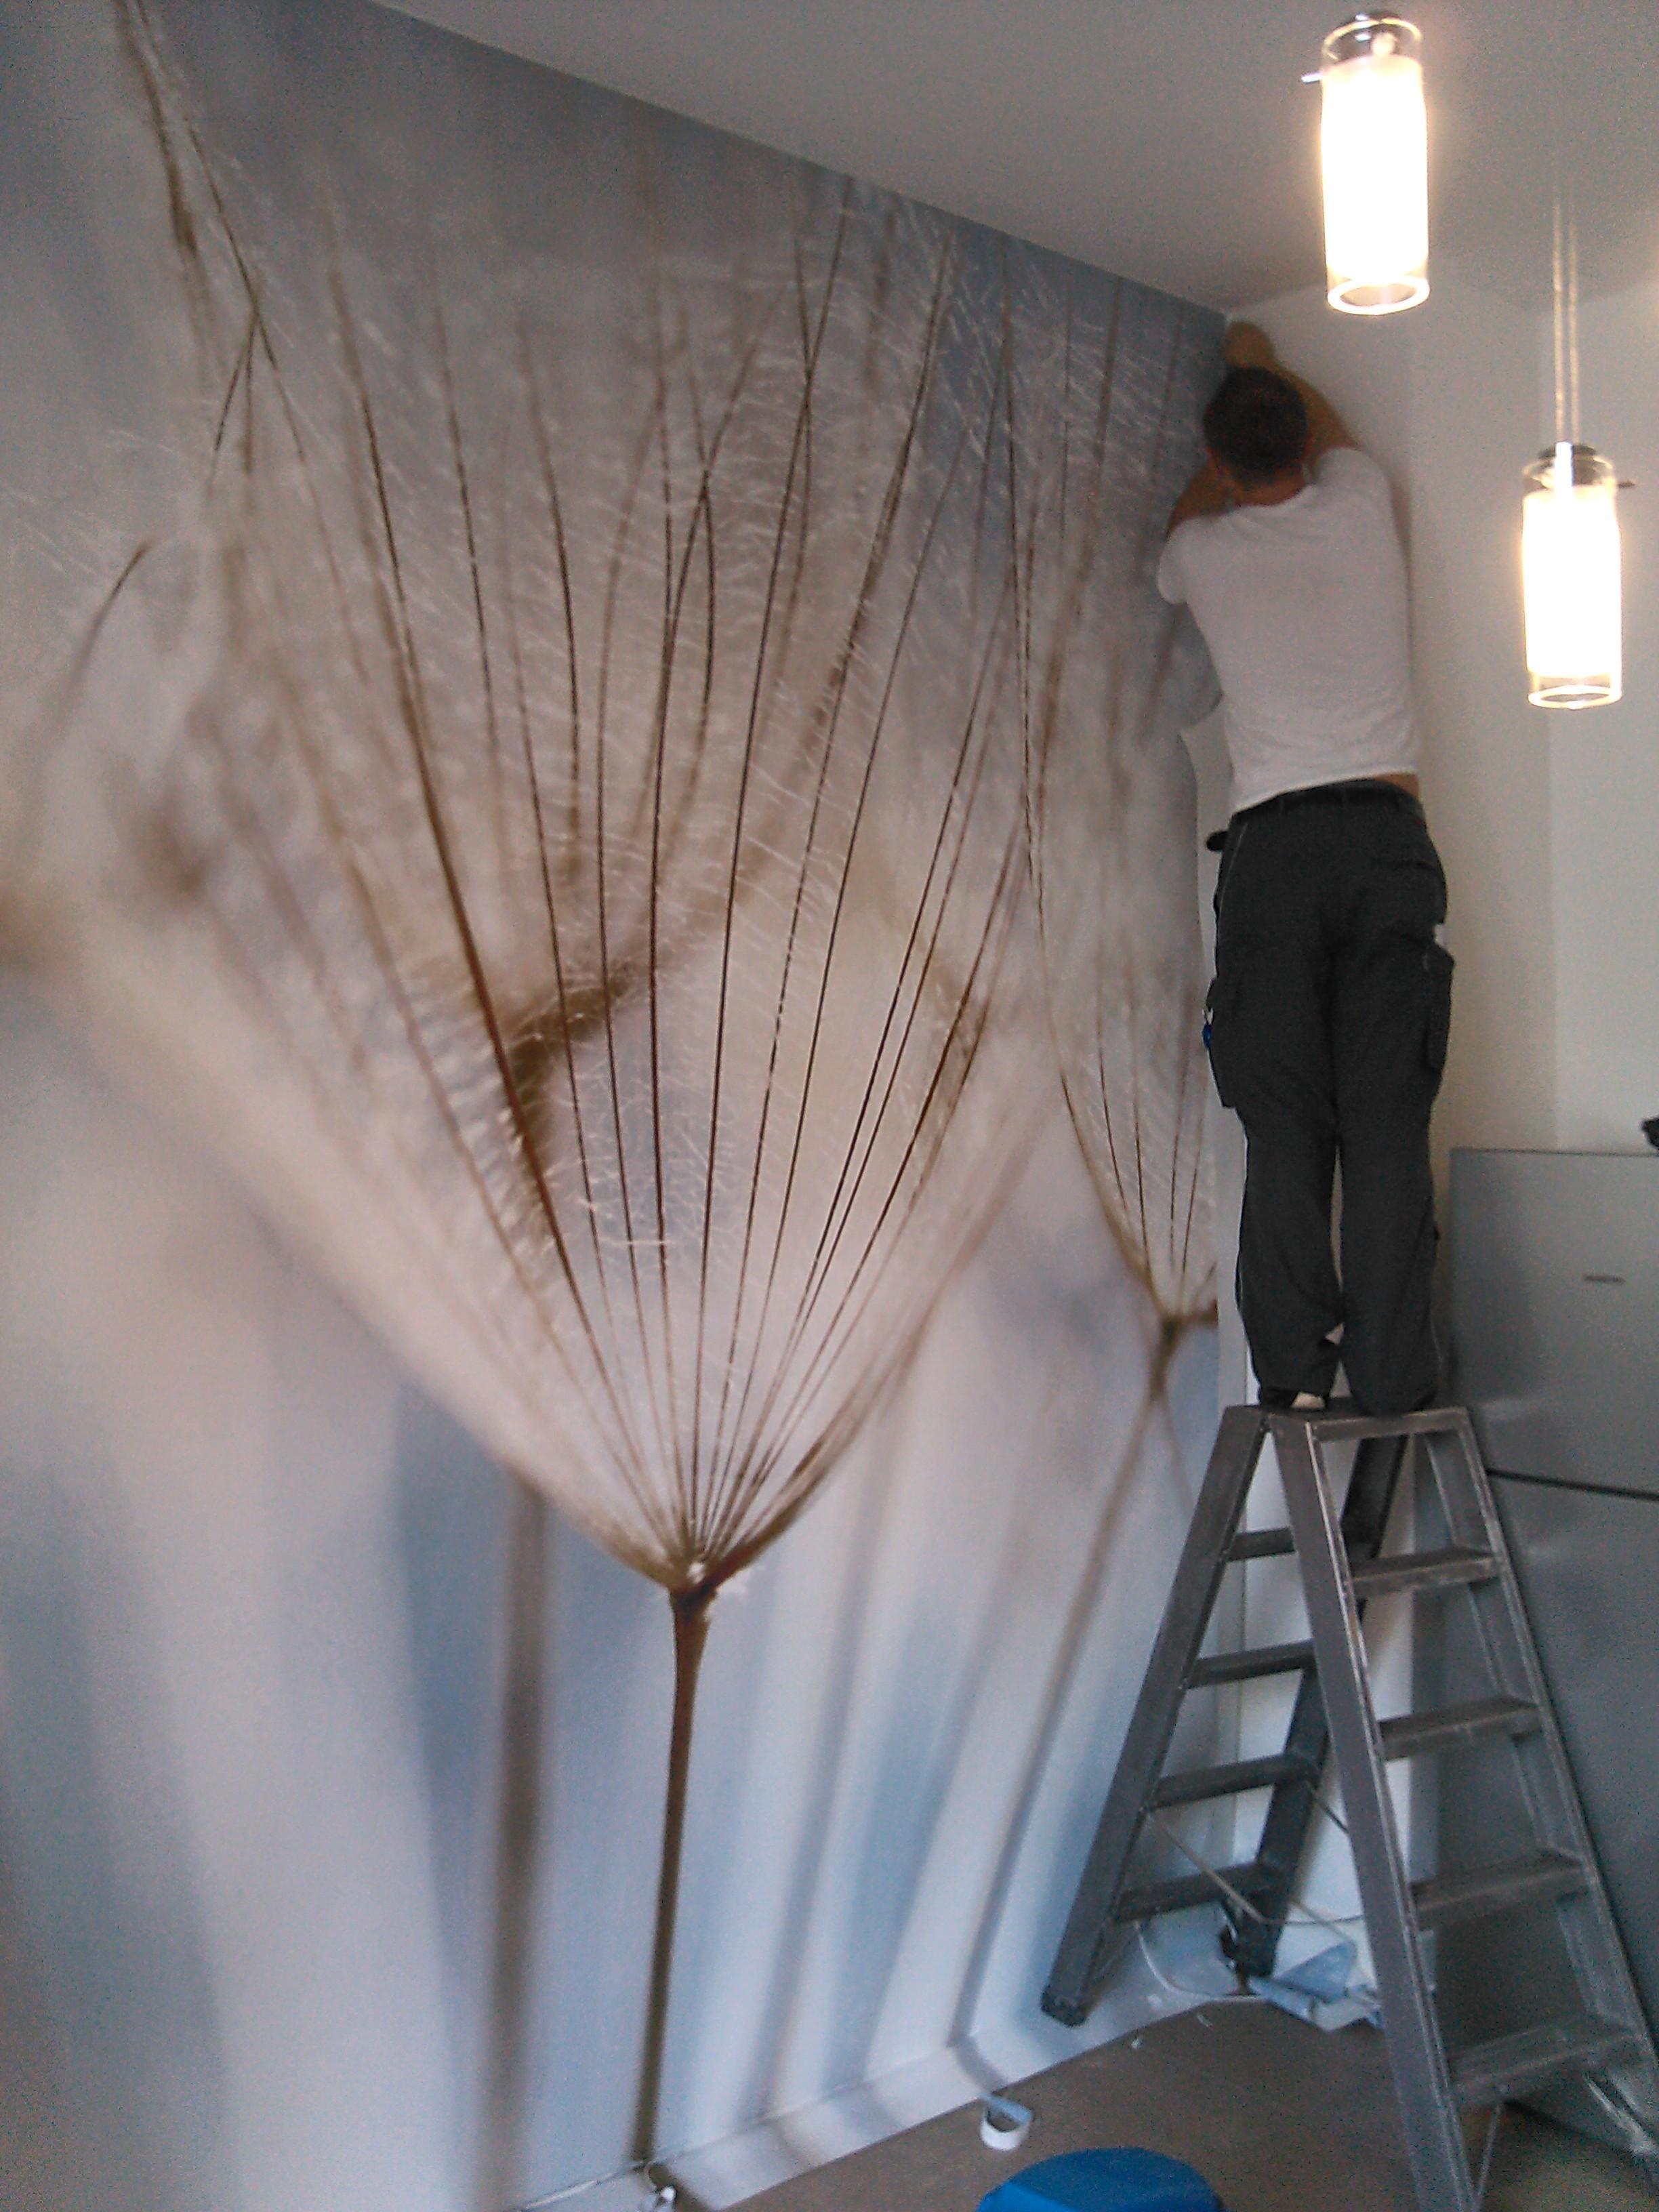 Wandbespannung mit stoff bilder ideen couchstyle - Wandgestaltung mit stoff ...